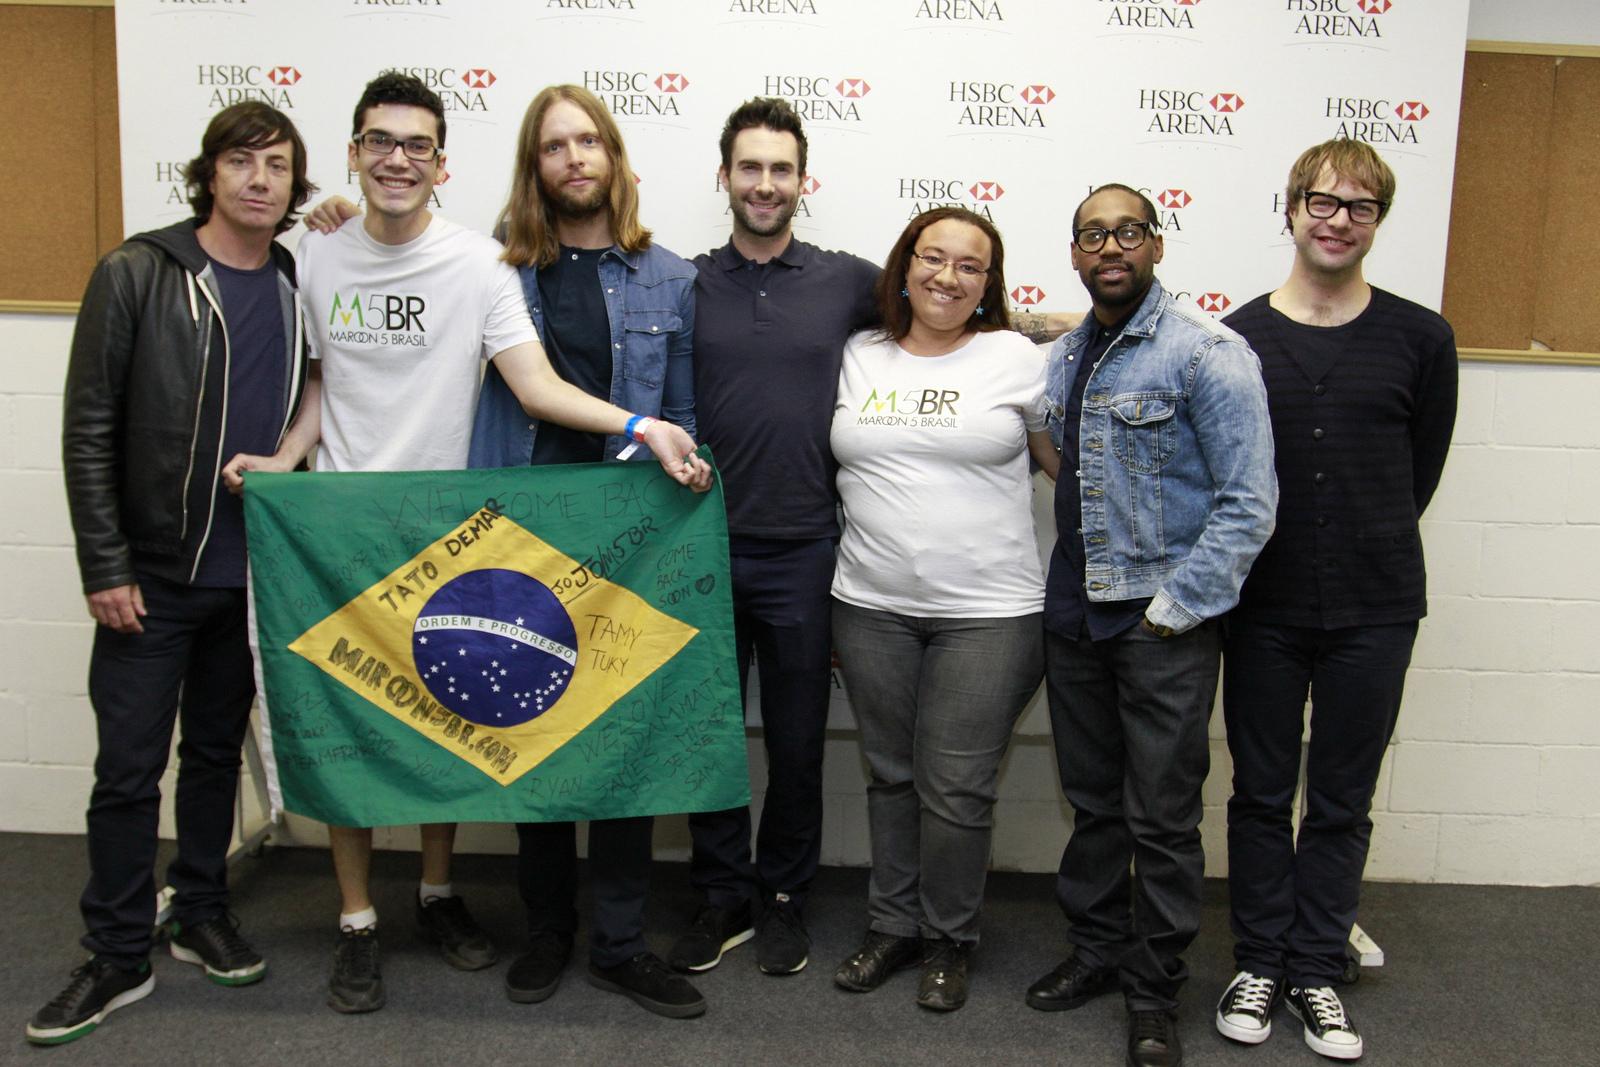 Maroon 5 mexico maroon 5 rio de janeiro brasil este fue el primer show en el que el grupo keane abre a maroon 5 al final de su presentacin maroon 5 sali al escenario uniformados de azul y el setlist m4hsunfo